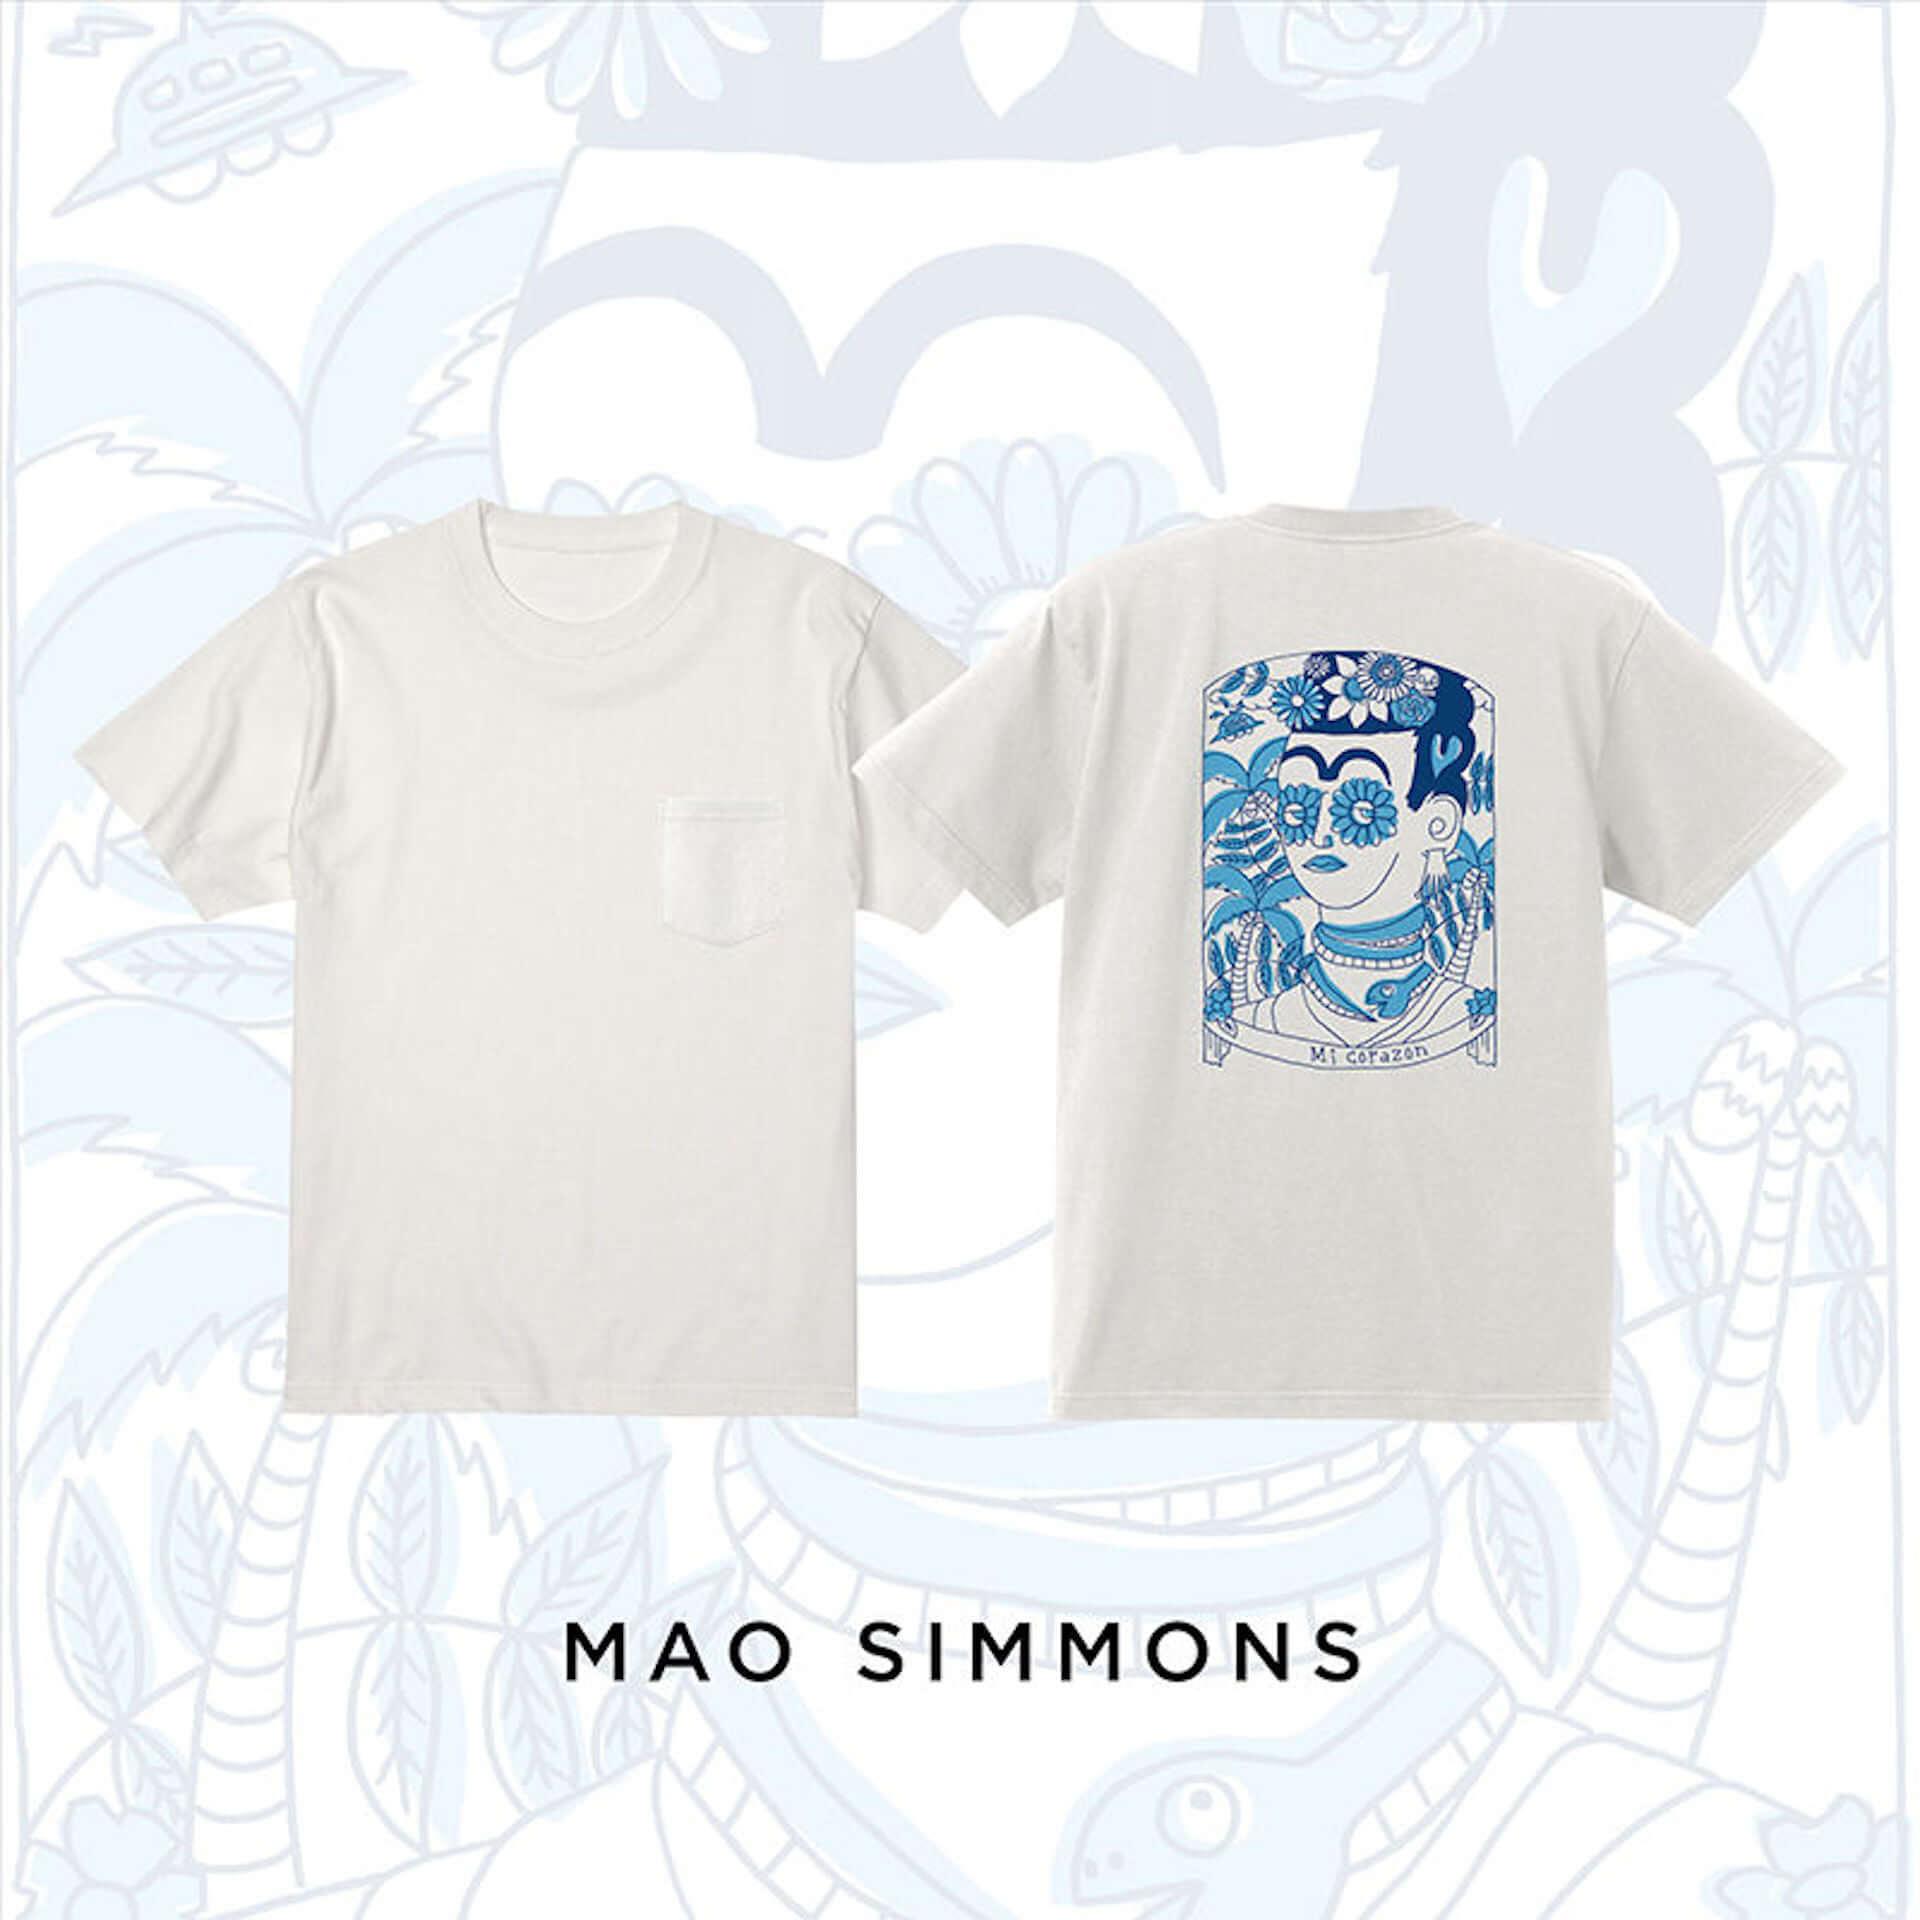 札幌の重要ベニュー・PROVOから新たなデザインTシャツがリリース|YOSHIROTTEN、KURiOら5名が参加 music200610_sapporo_provo_6-1920x1920